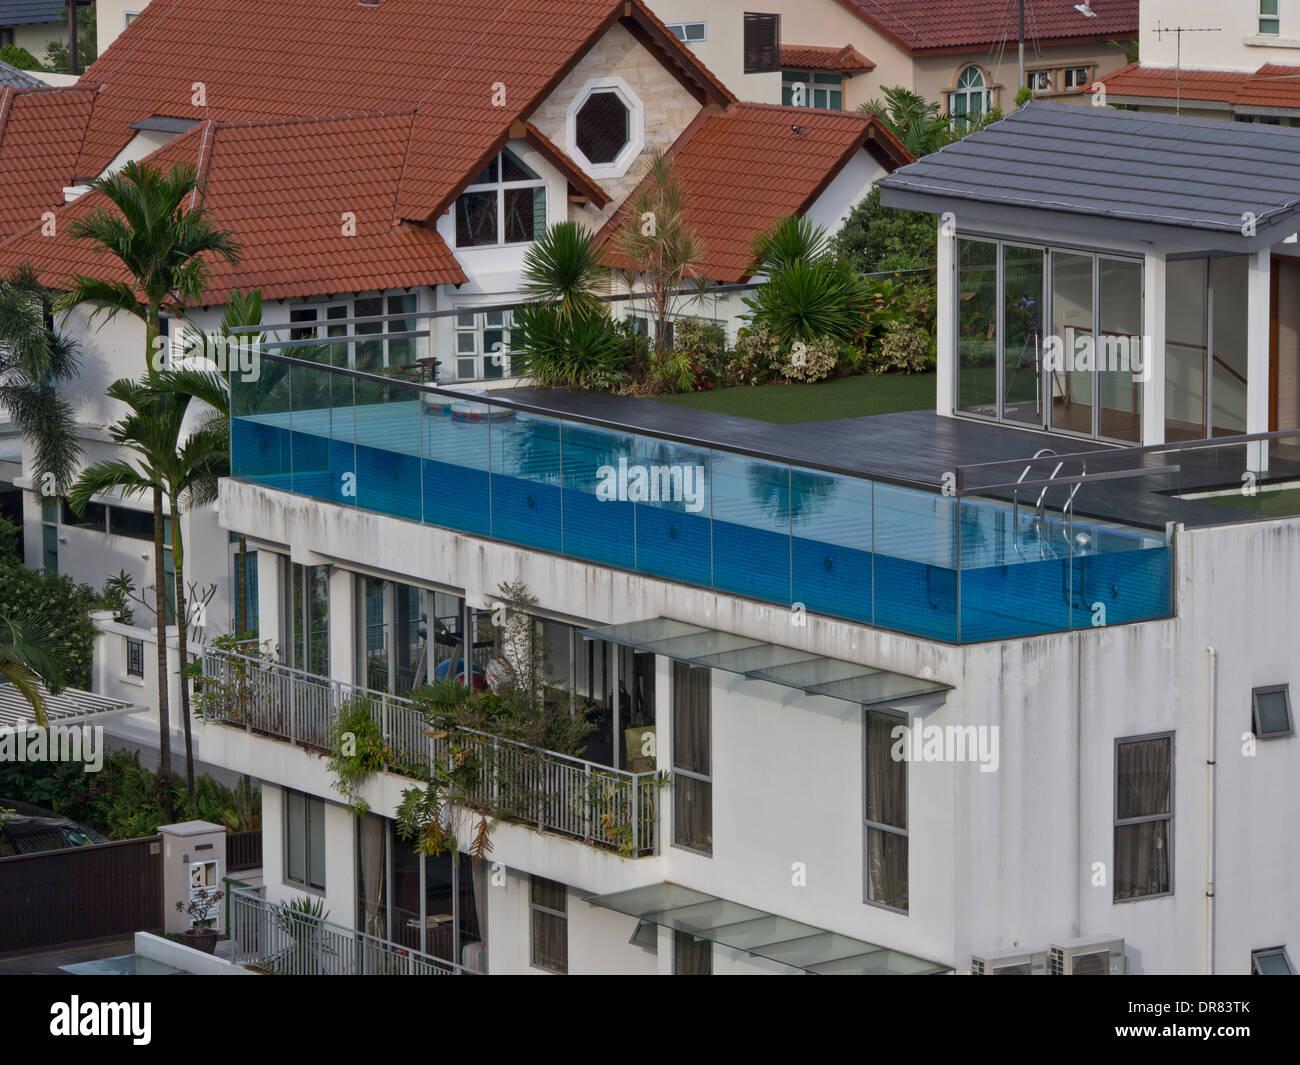 luxus haus mit pool auf dem dach im wohlhabenden stadtteil. Black Bedroom Furniture Sets. Home Design Ideas